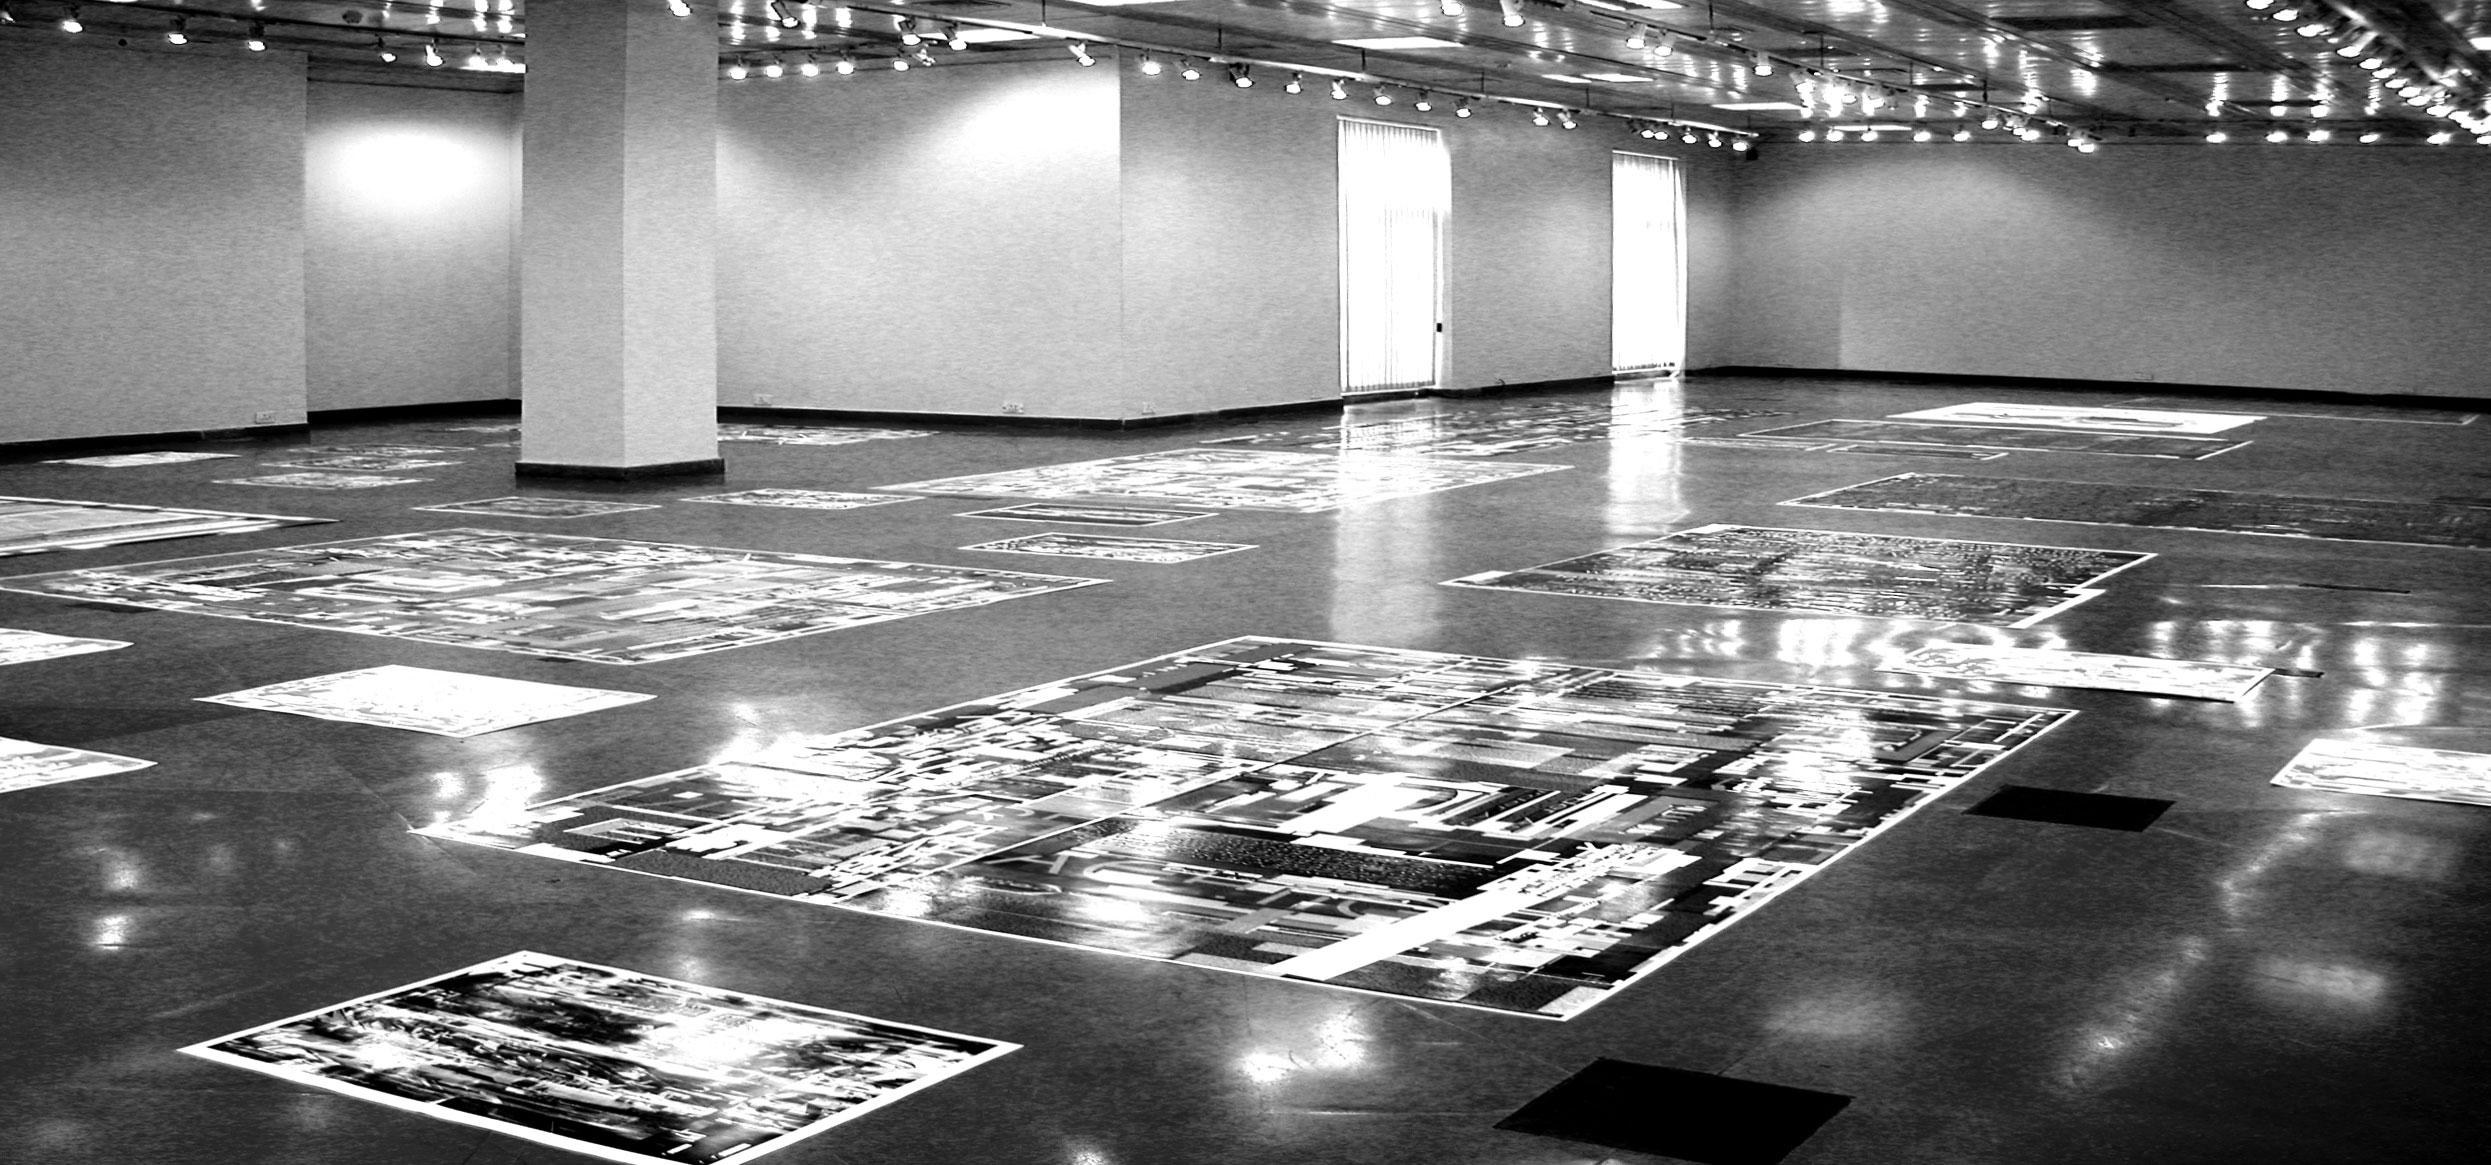 Herwig Steiner (1956L) Propaganda Series / Floorinstallation / computergenerierte Prints auf Papier / Visual Arts Gallery / India Habitat Center / New Delhi 2004